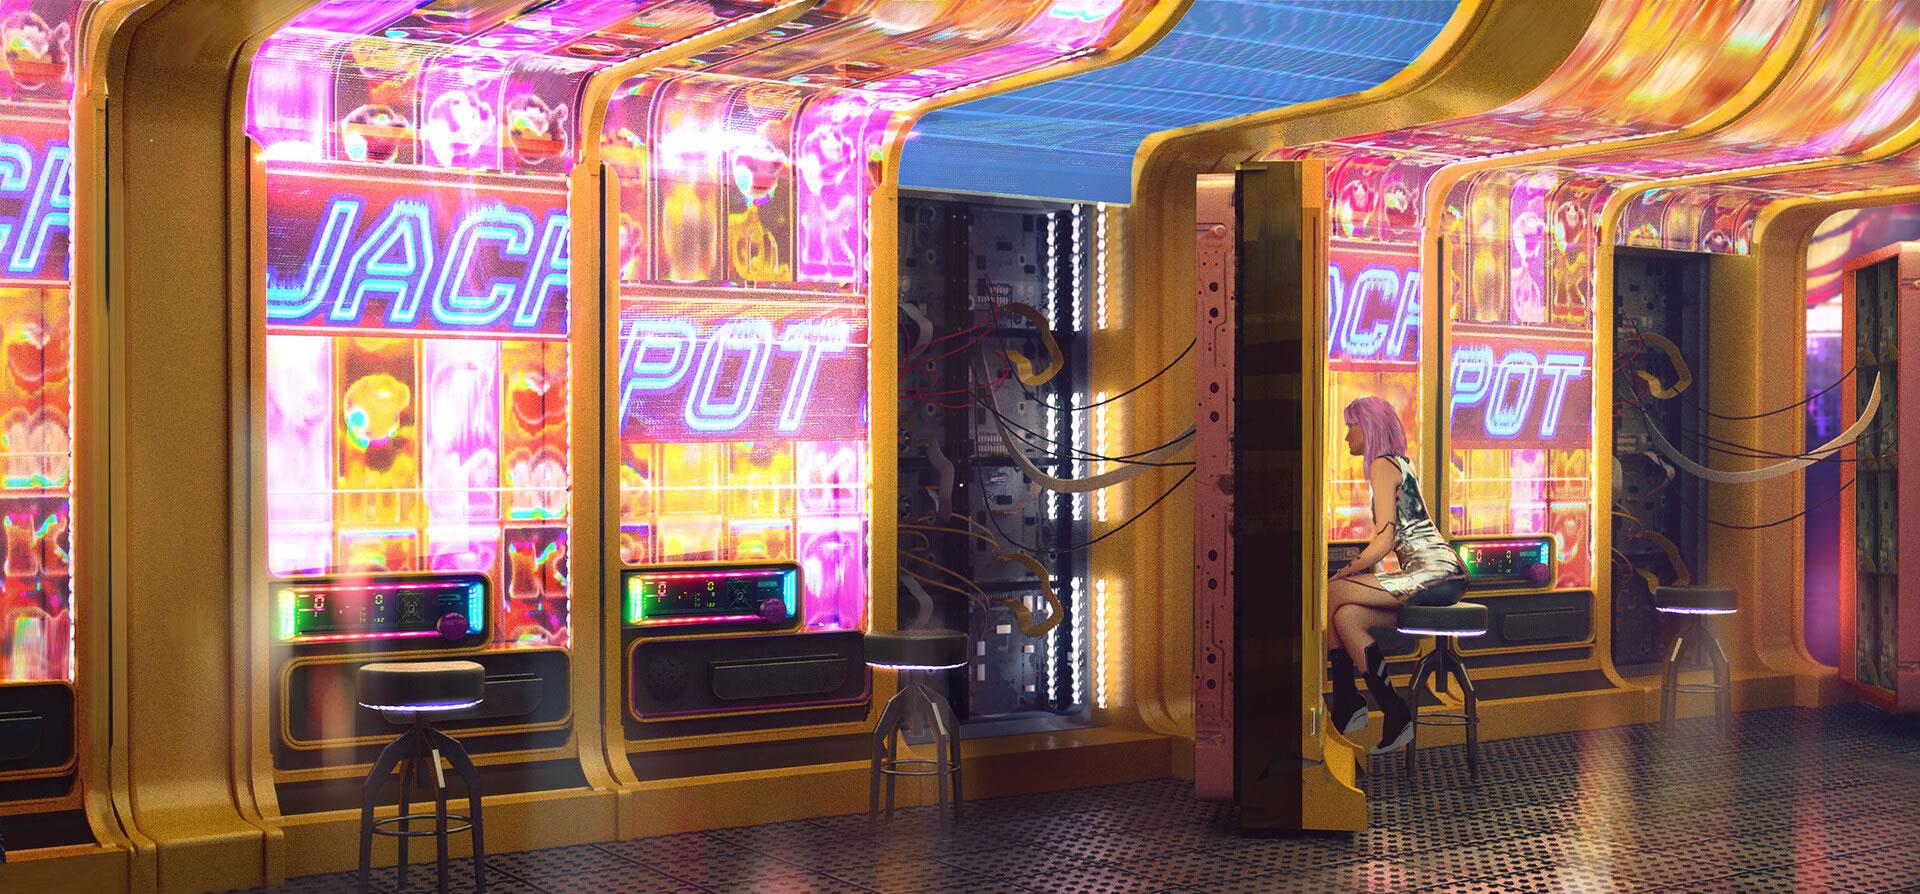 Fruitautomaten in de toekomst